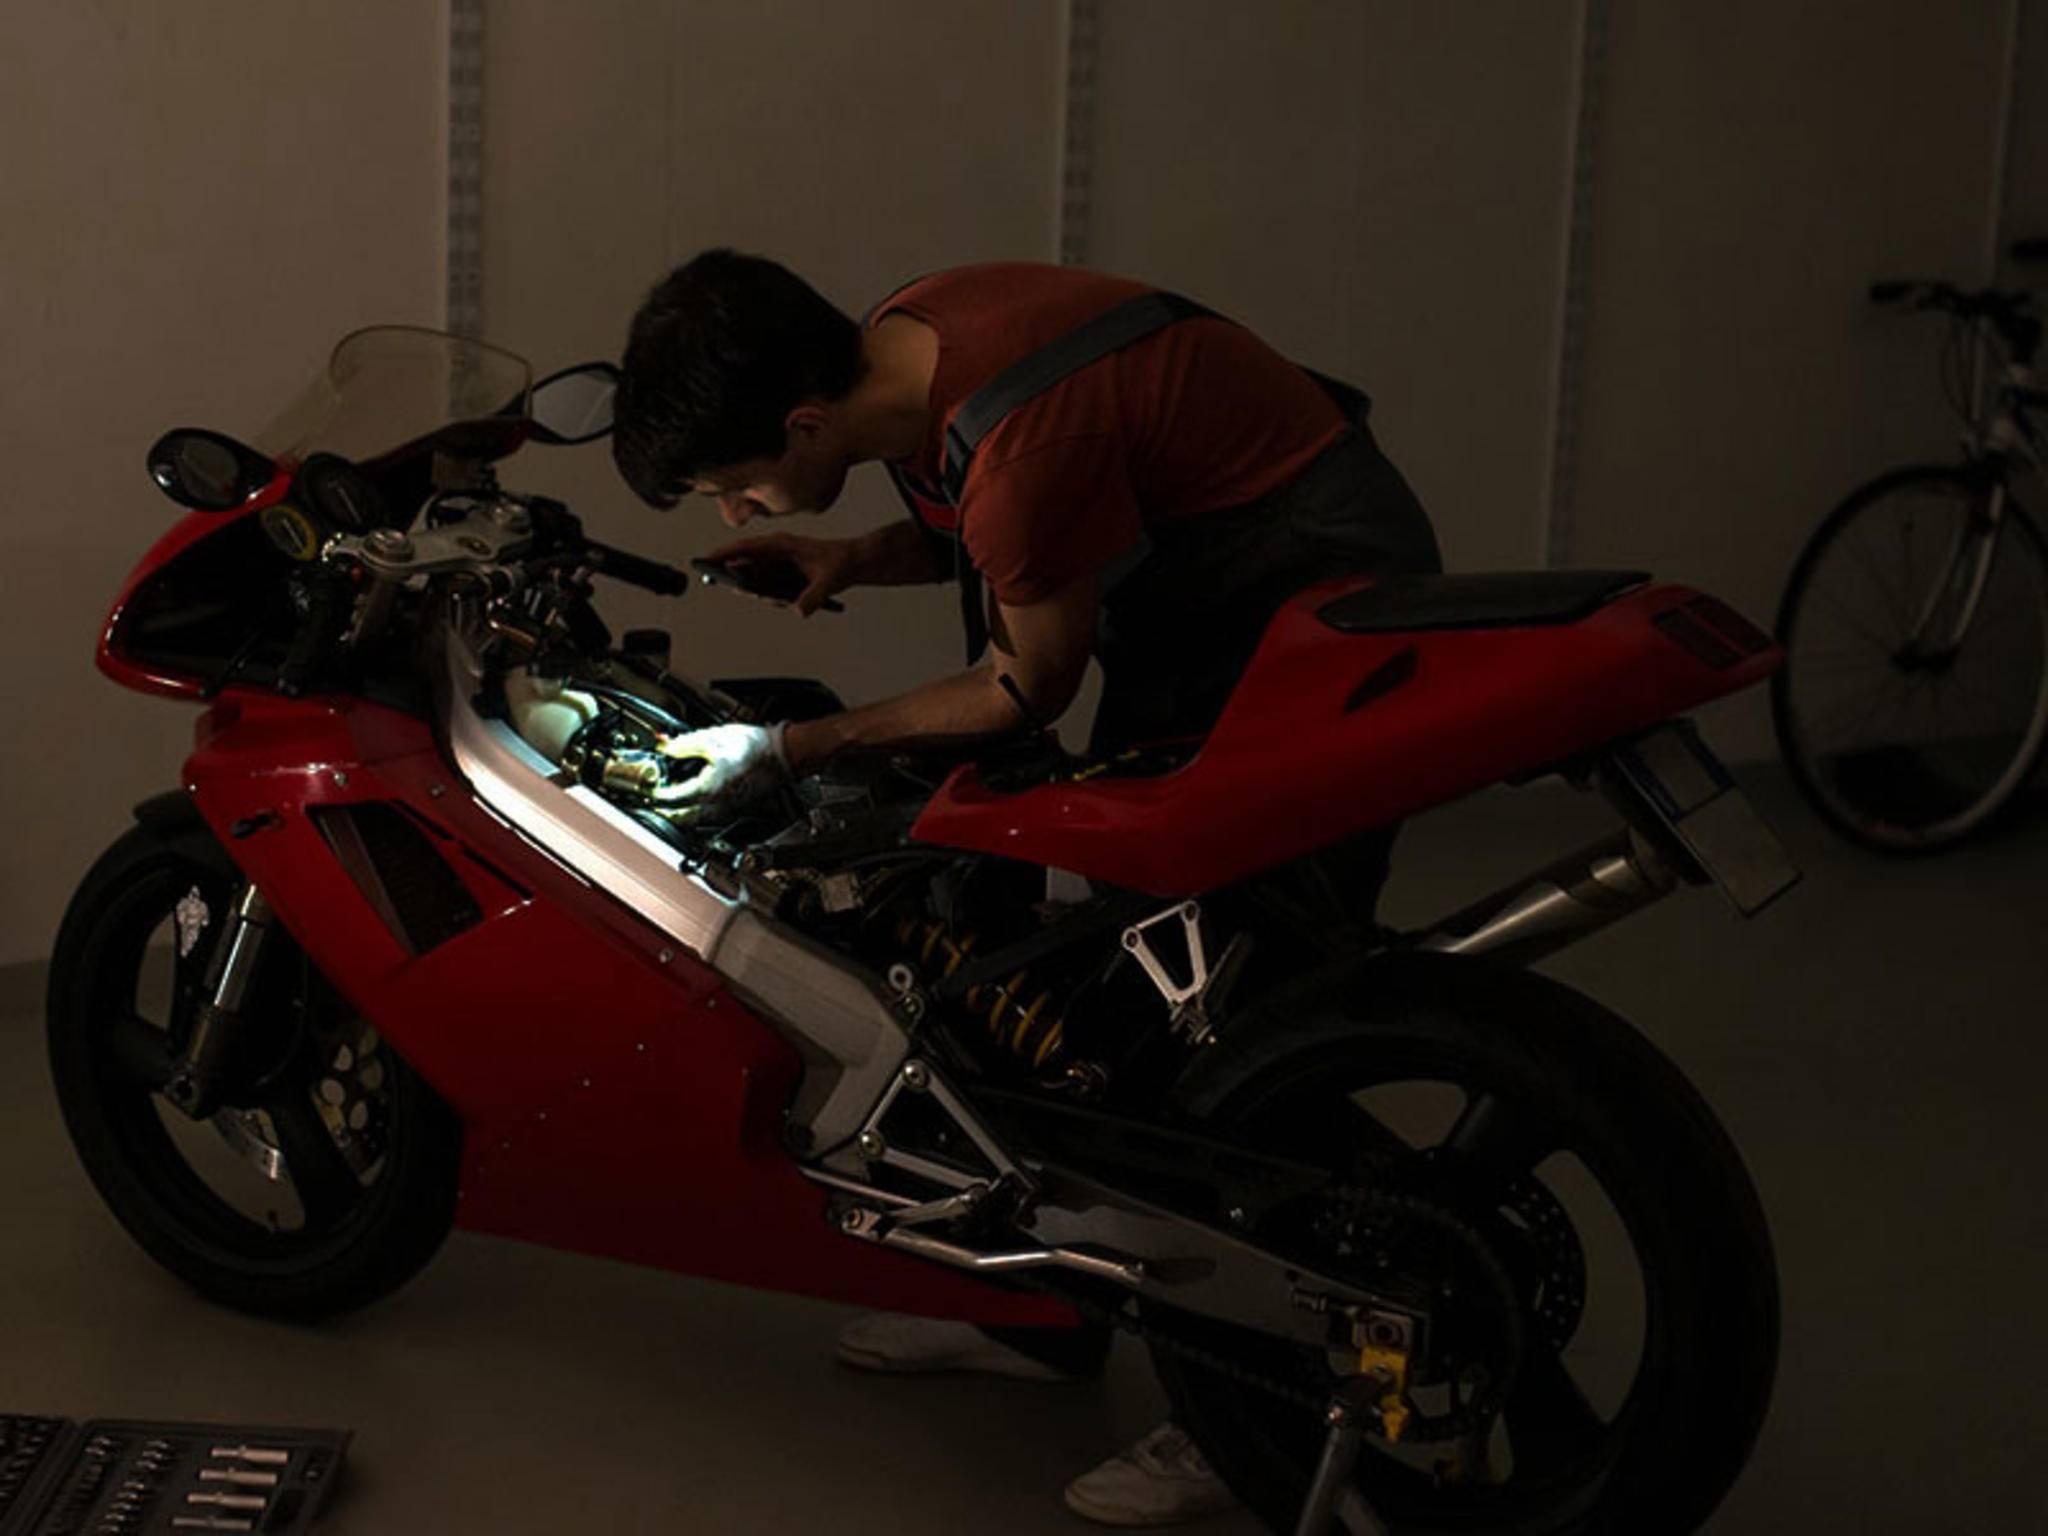 ...sondern auch für das Rumschrauben am Motorrad...